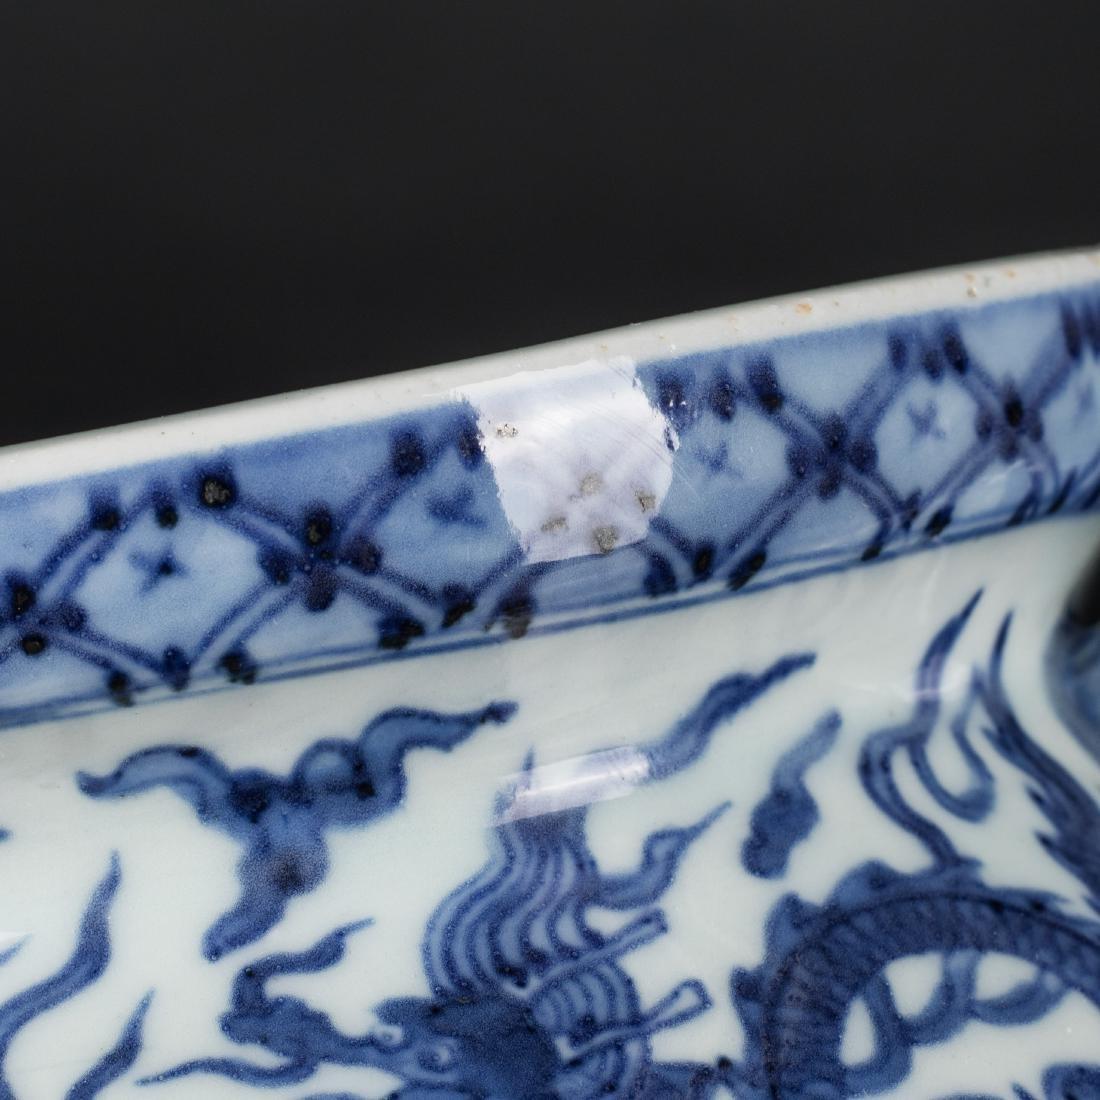 Jiajing Mark Antique Blue and White Censer - 9